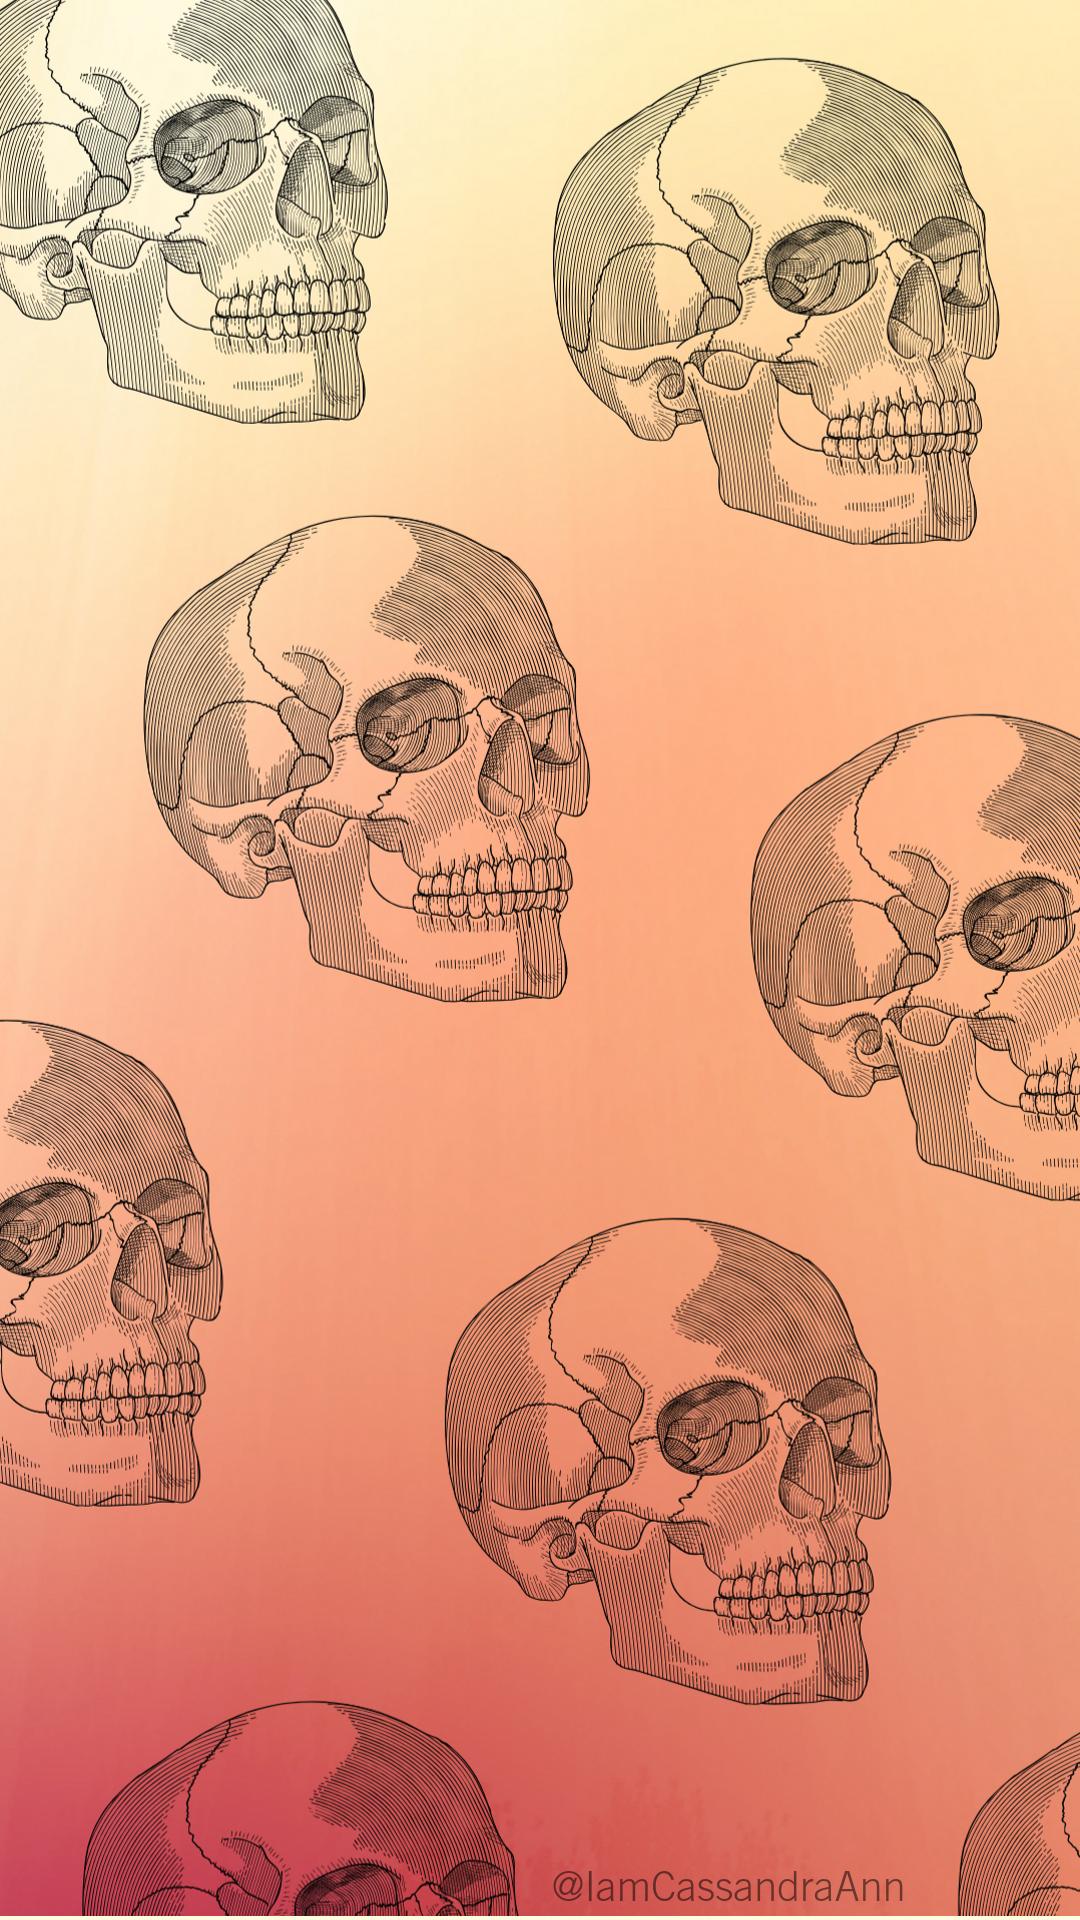 Fall October Wallpaper #octoberwallpaper Fall October Wallpaper - Fall October Wallpaper - Fall Backgrounds - October Backgrounds - Skull #Wallpaper #Background #octoberwallpaper